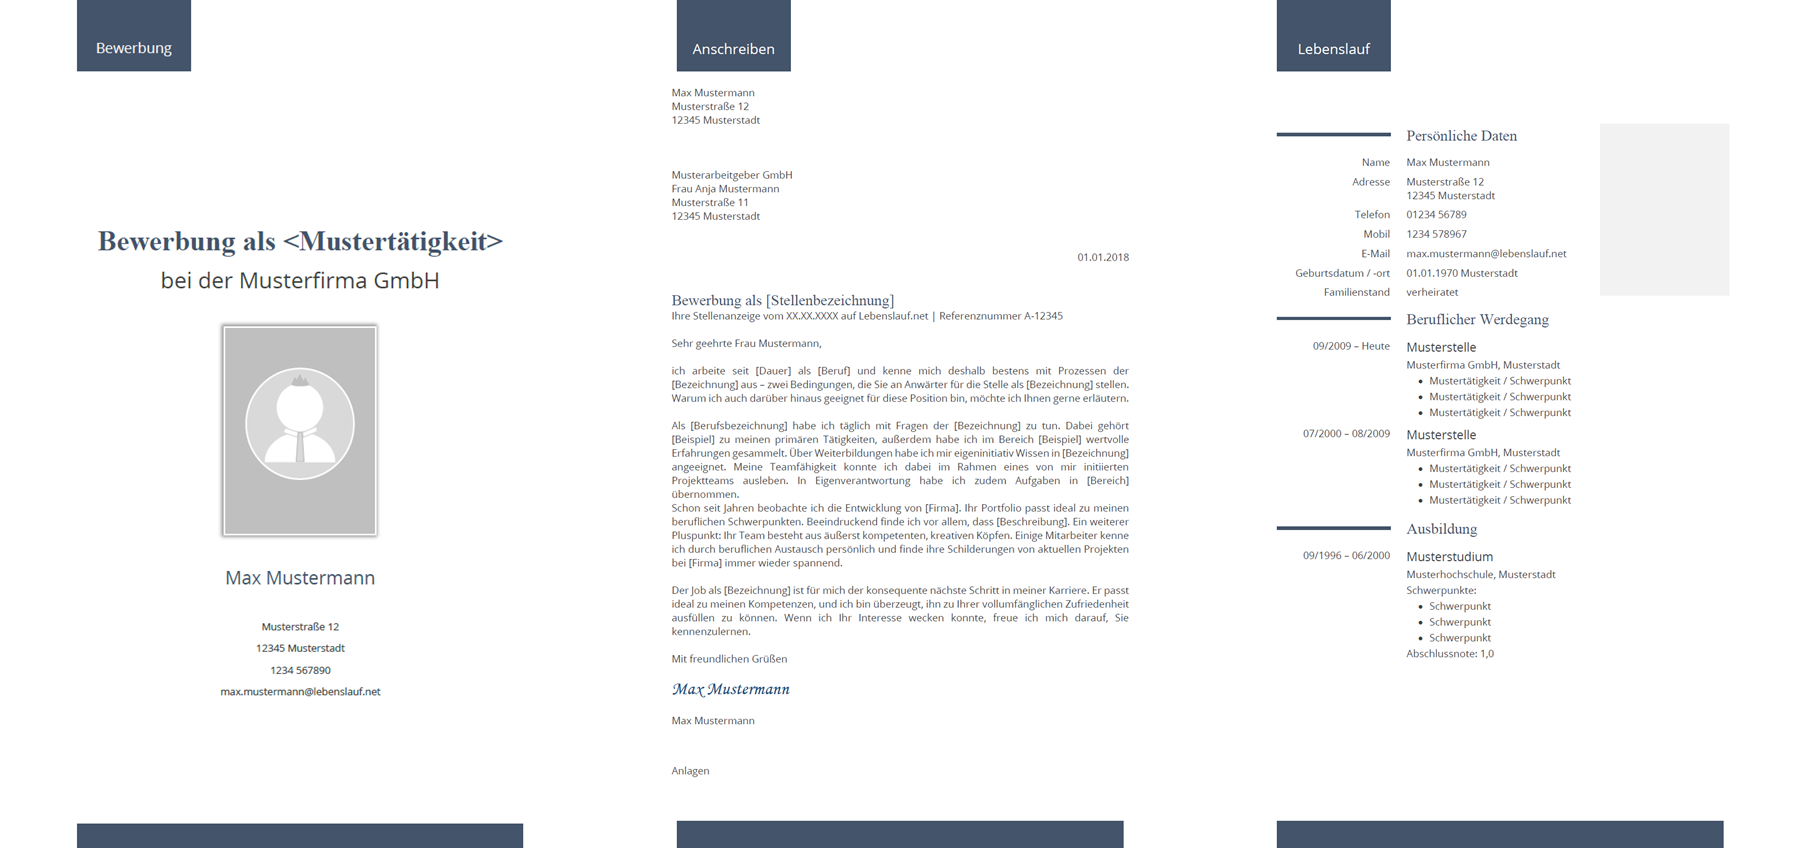 dateinamen der bewerbungsdokumente tabellarischer lebenslauf - Bewerbung Software